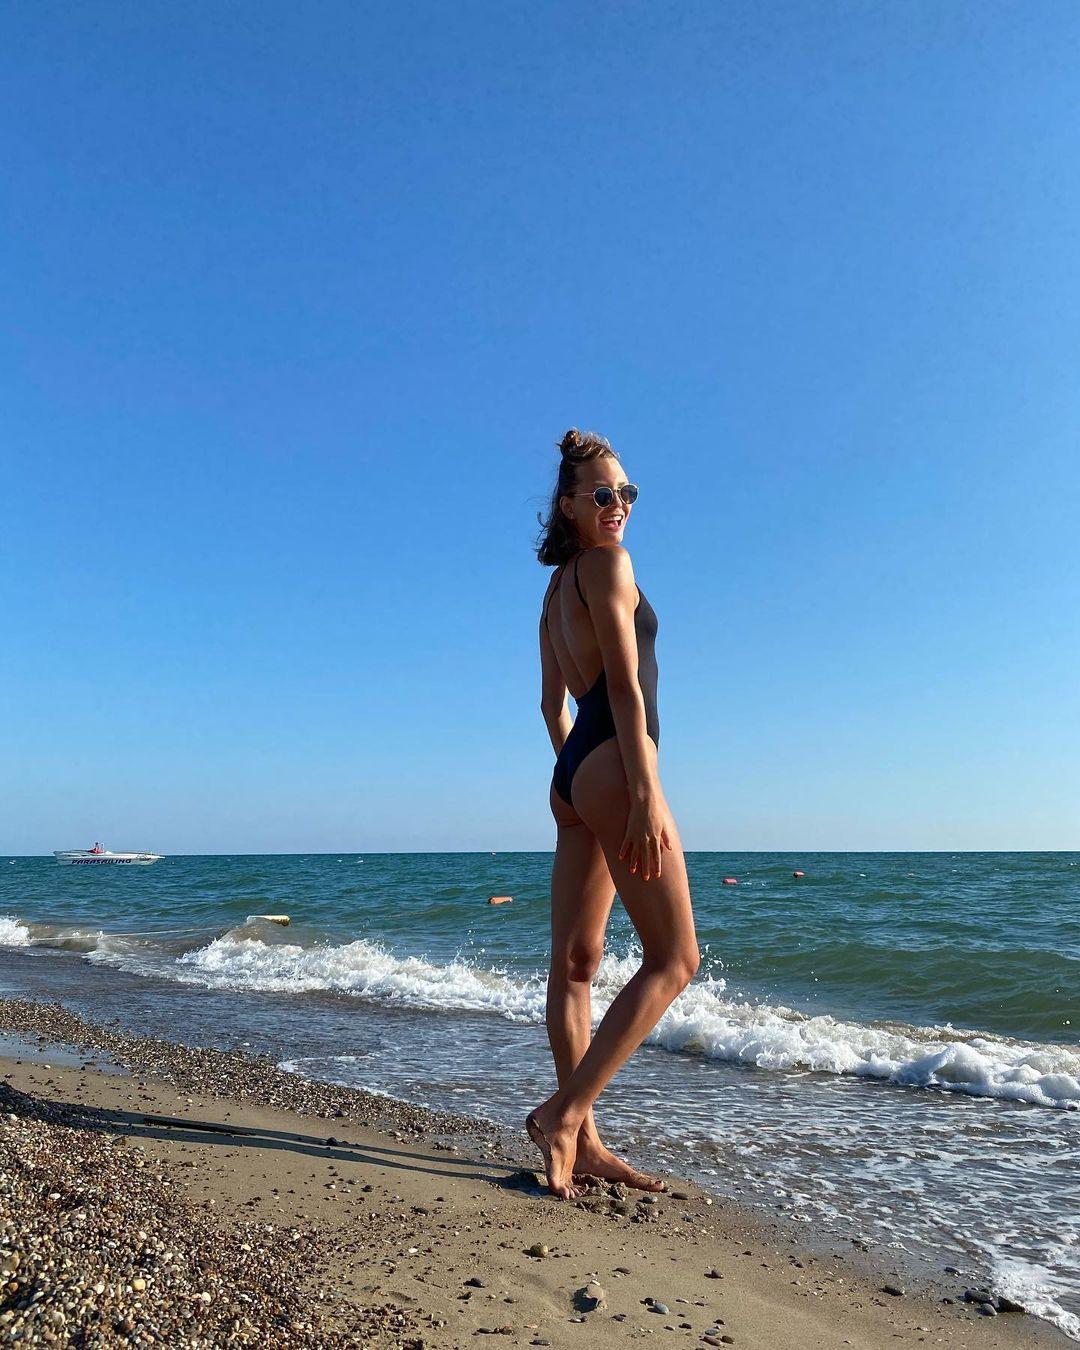 Горячая Марта: соблазнительные фото украинской звезды водного Евро